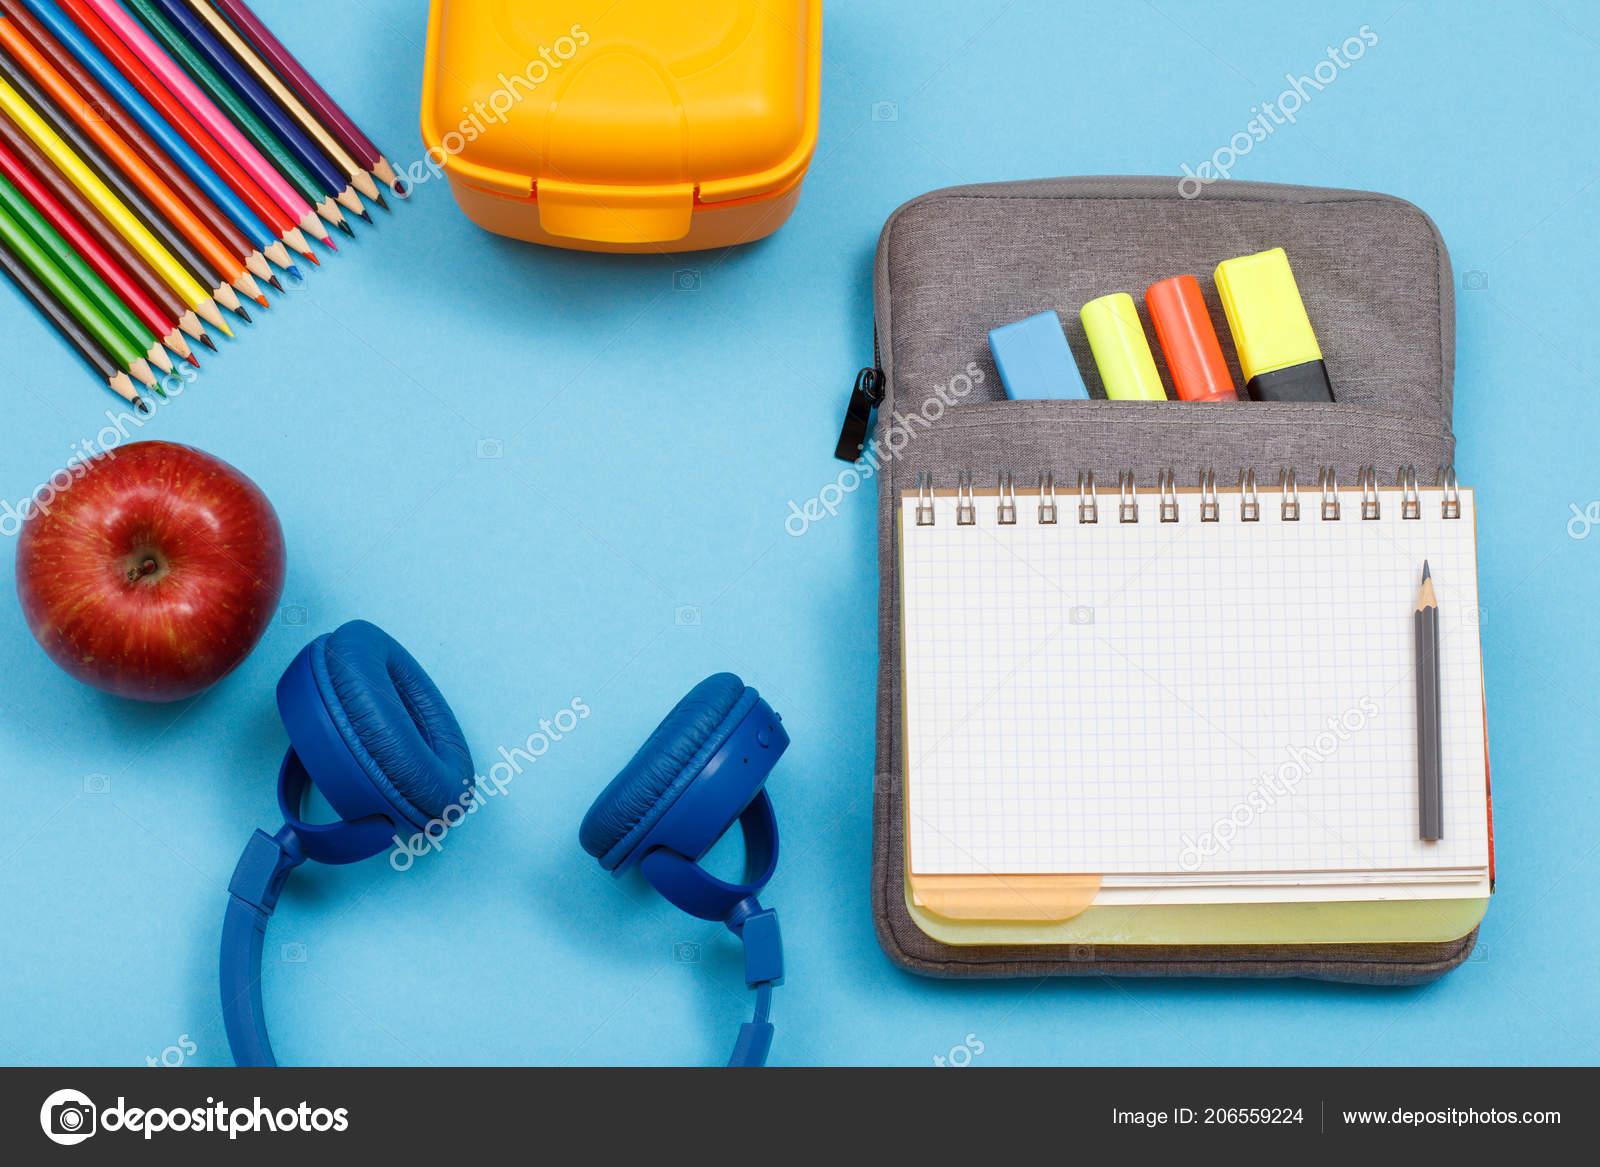 ... otevřete knihu cvičení na vak-penál se cítil pastelky a značky na  modrém pozadí. Pohled shora. Zpátky do školy konceptu. Školní potřeby —  Fotografie od ... 57312fab62